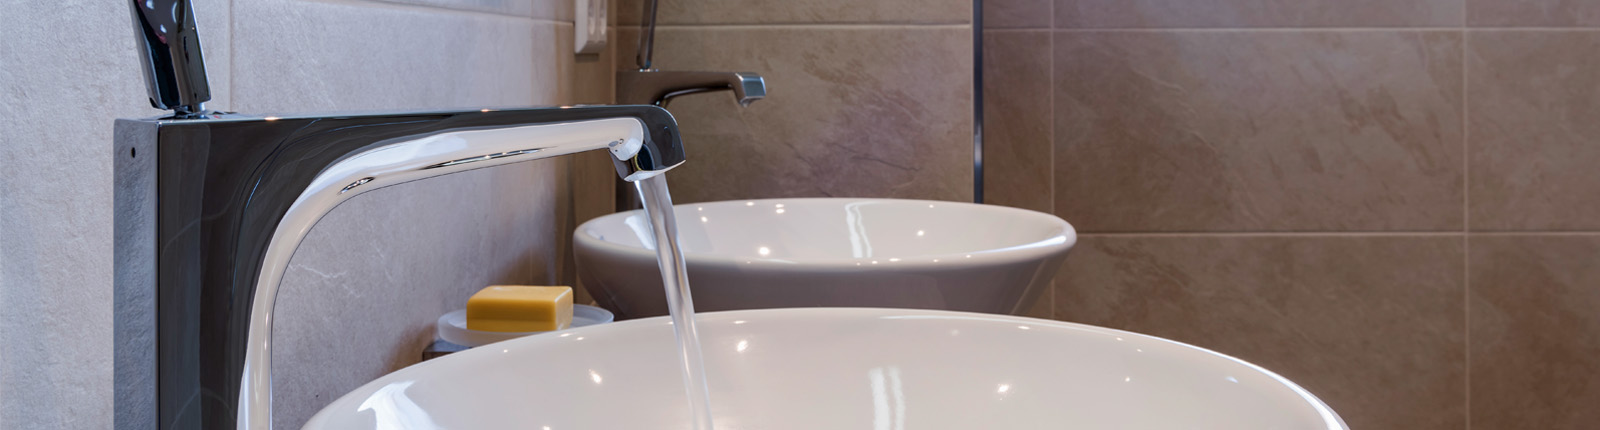 Gemuetliches Bad | Mundle | Sindelfingen | Böblingen Bei Stuttgart    Badrenovierung, Heizungsmodernisierung, Wohnraumsanierung